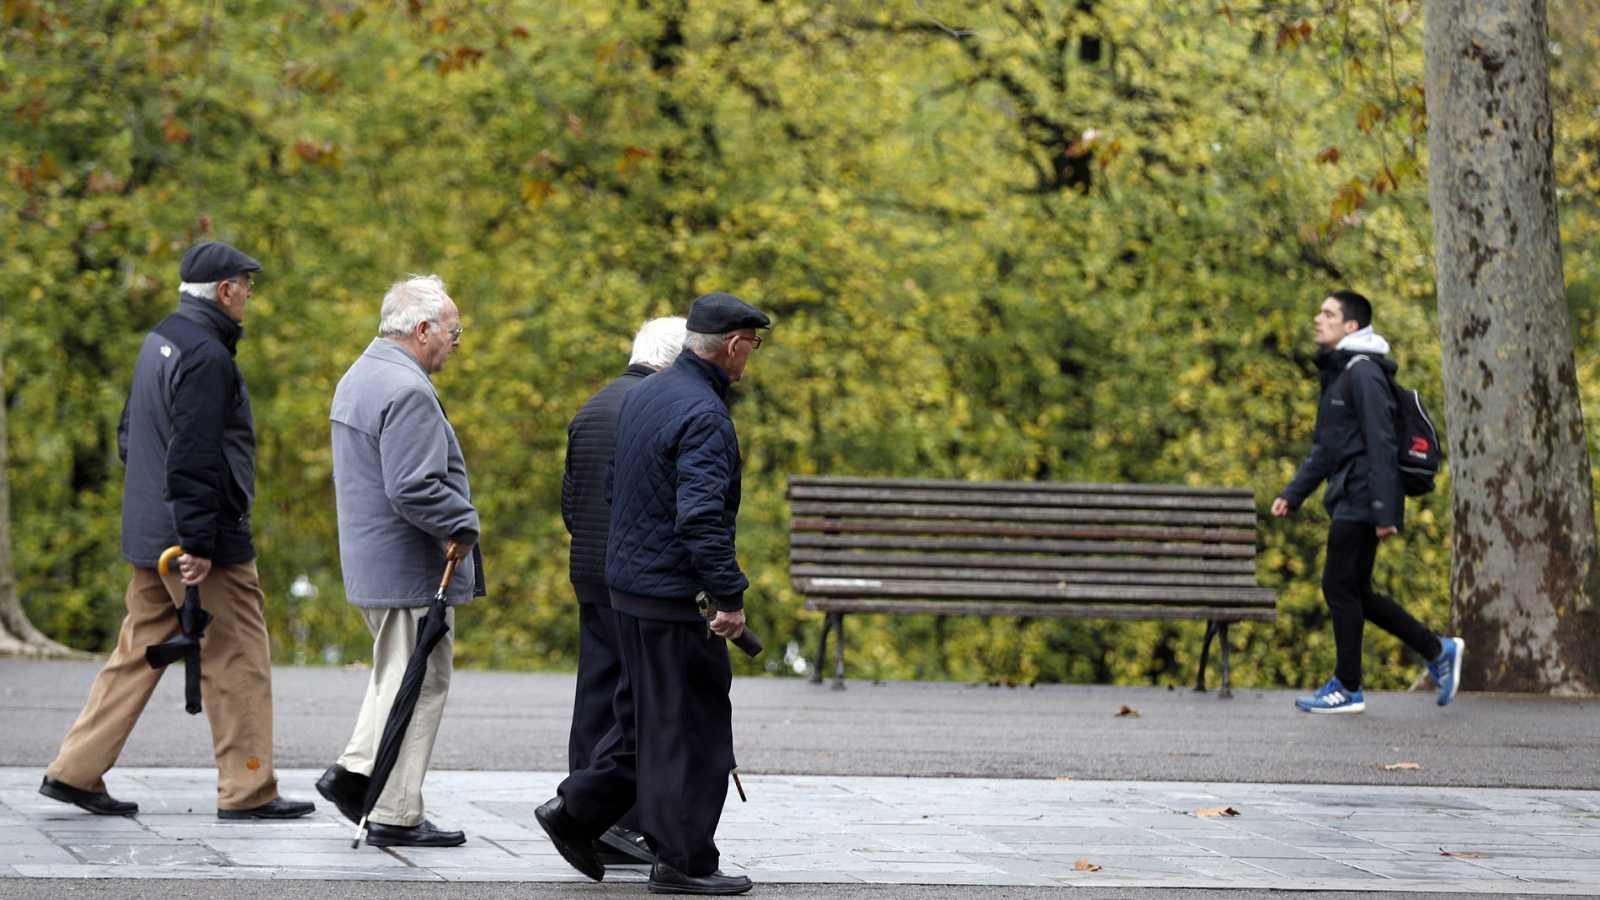 Pensionistas y jubilados pasean este martes en un parque en Bilbao